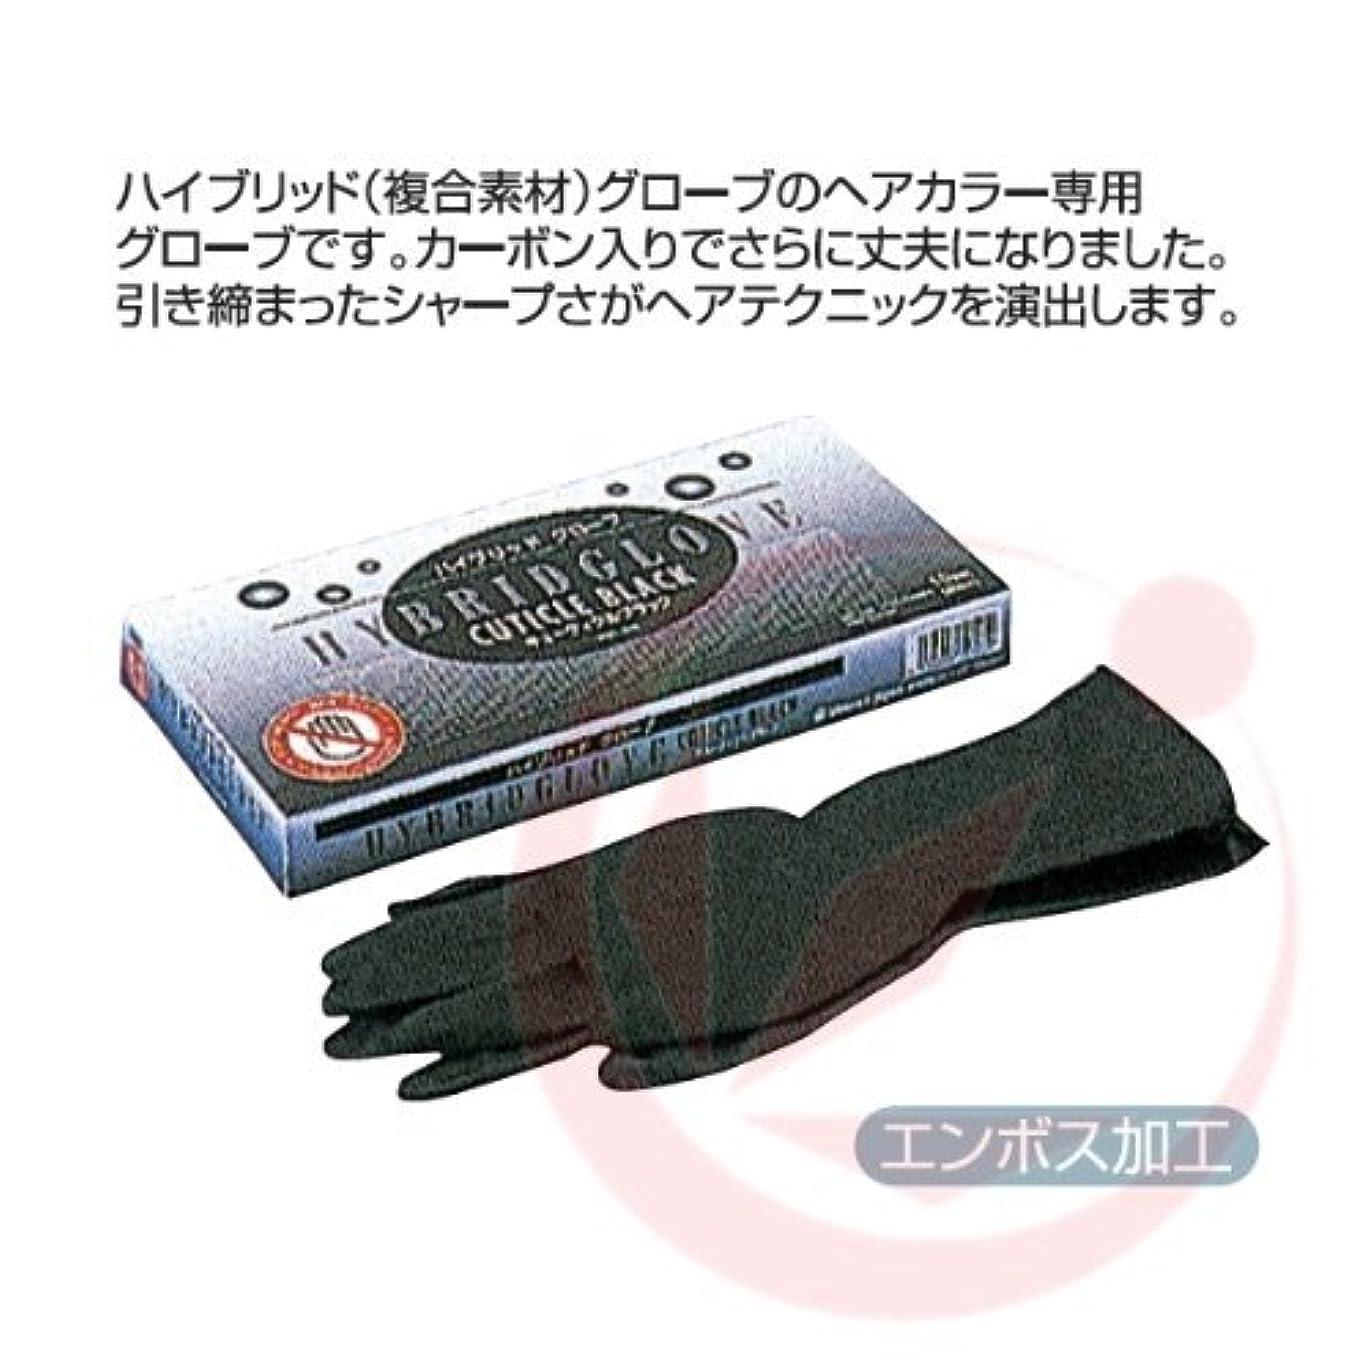 パンフレット慢性的肉ハイブリッドグローブ キューティクルグラック SS 10set(20枚入) 6個セット